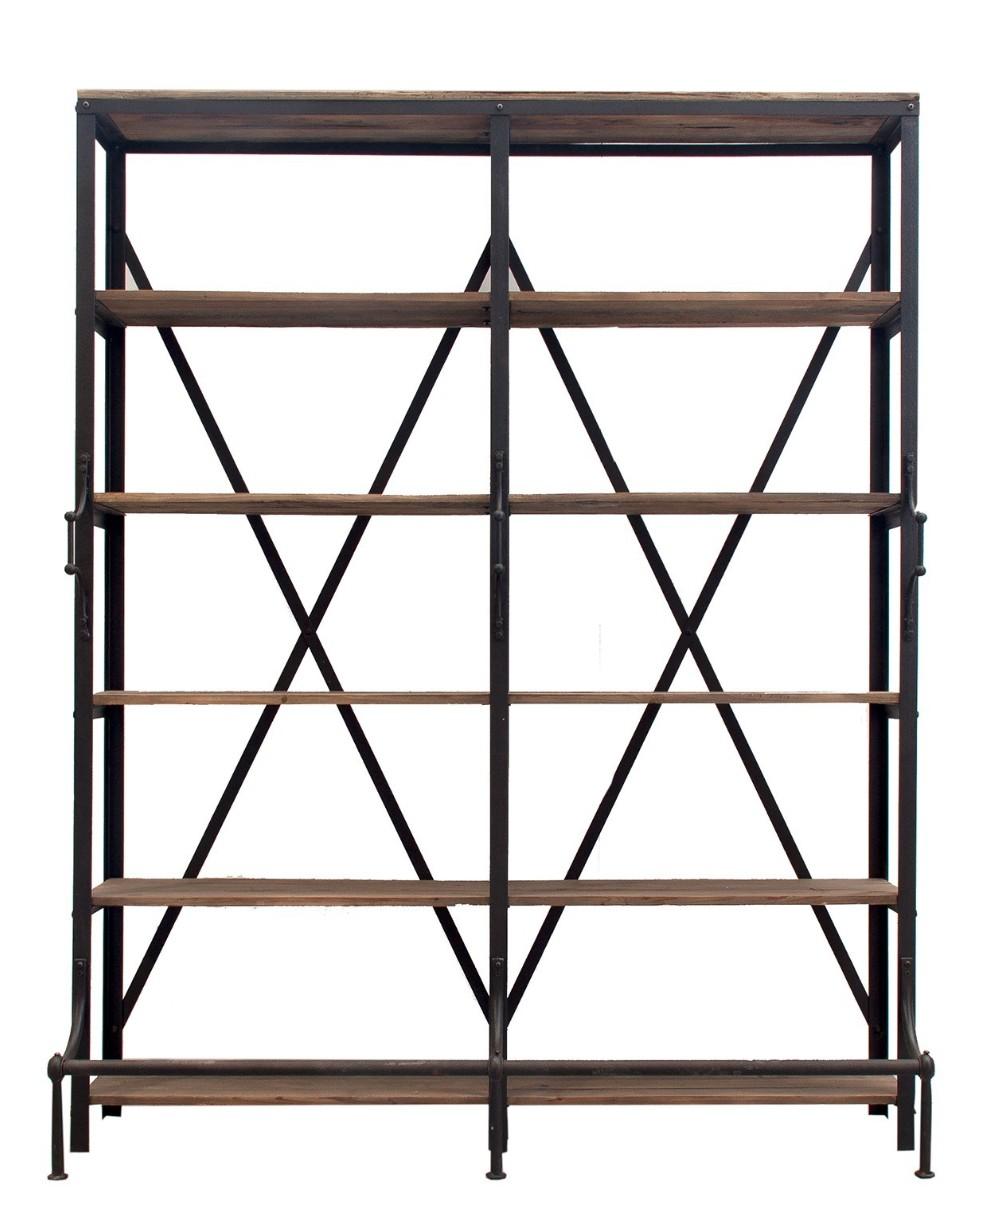 biblioth que pin massif et m tal noir kunsty. Black Bedroom Furniture Sets. Home Design Ideas